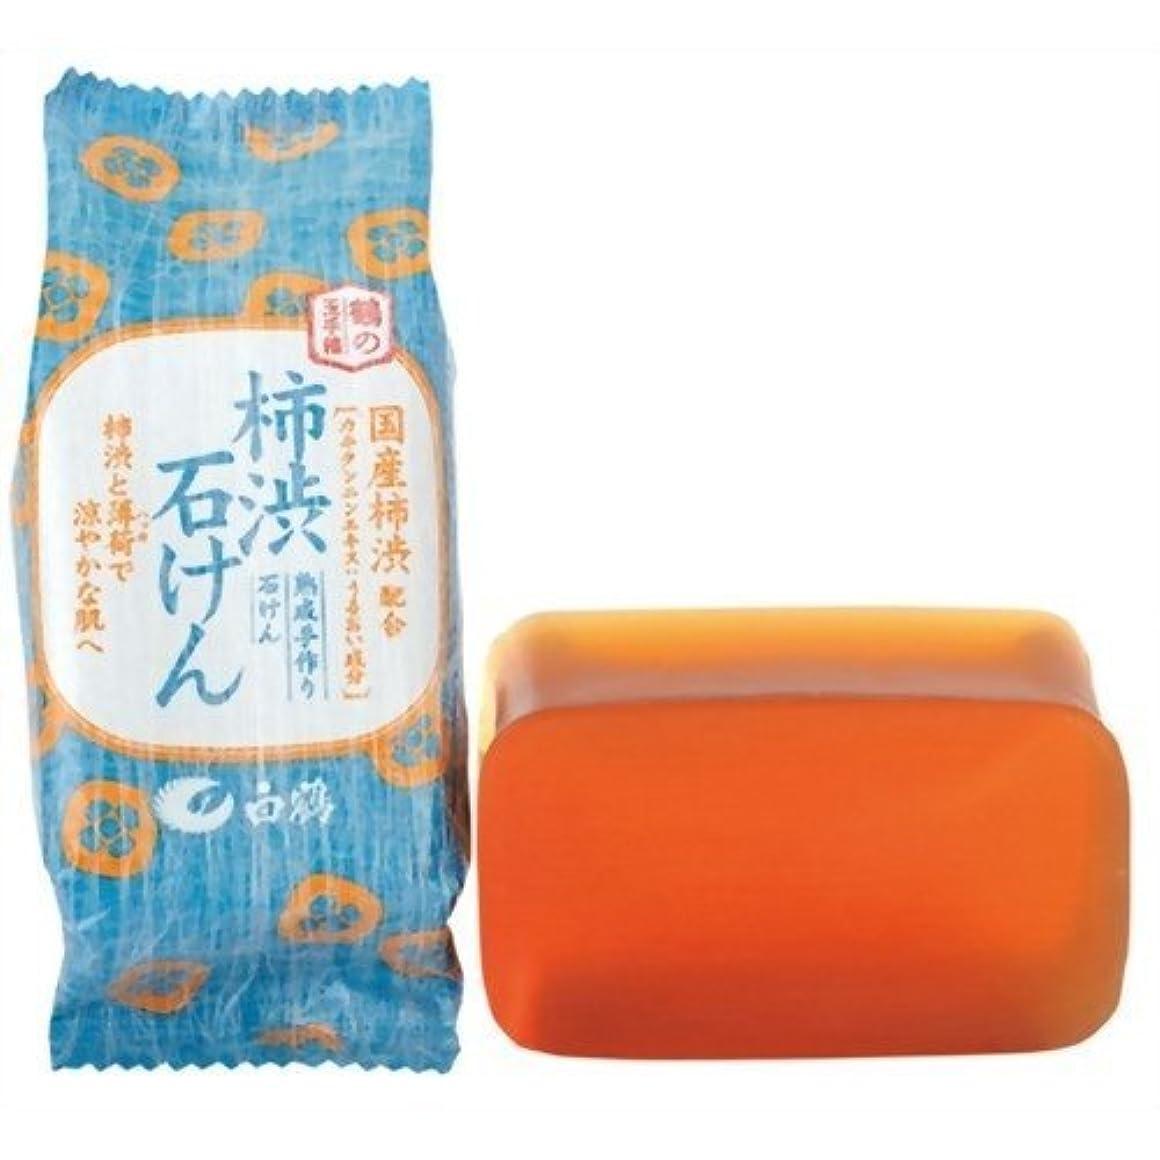 赤面多様な返還白鶴 鶴の玉手箱 薬用 柿渋石けん 110g × 10個